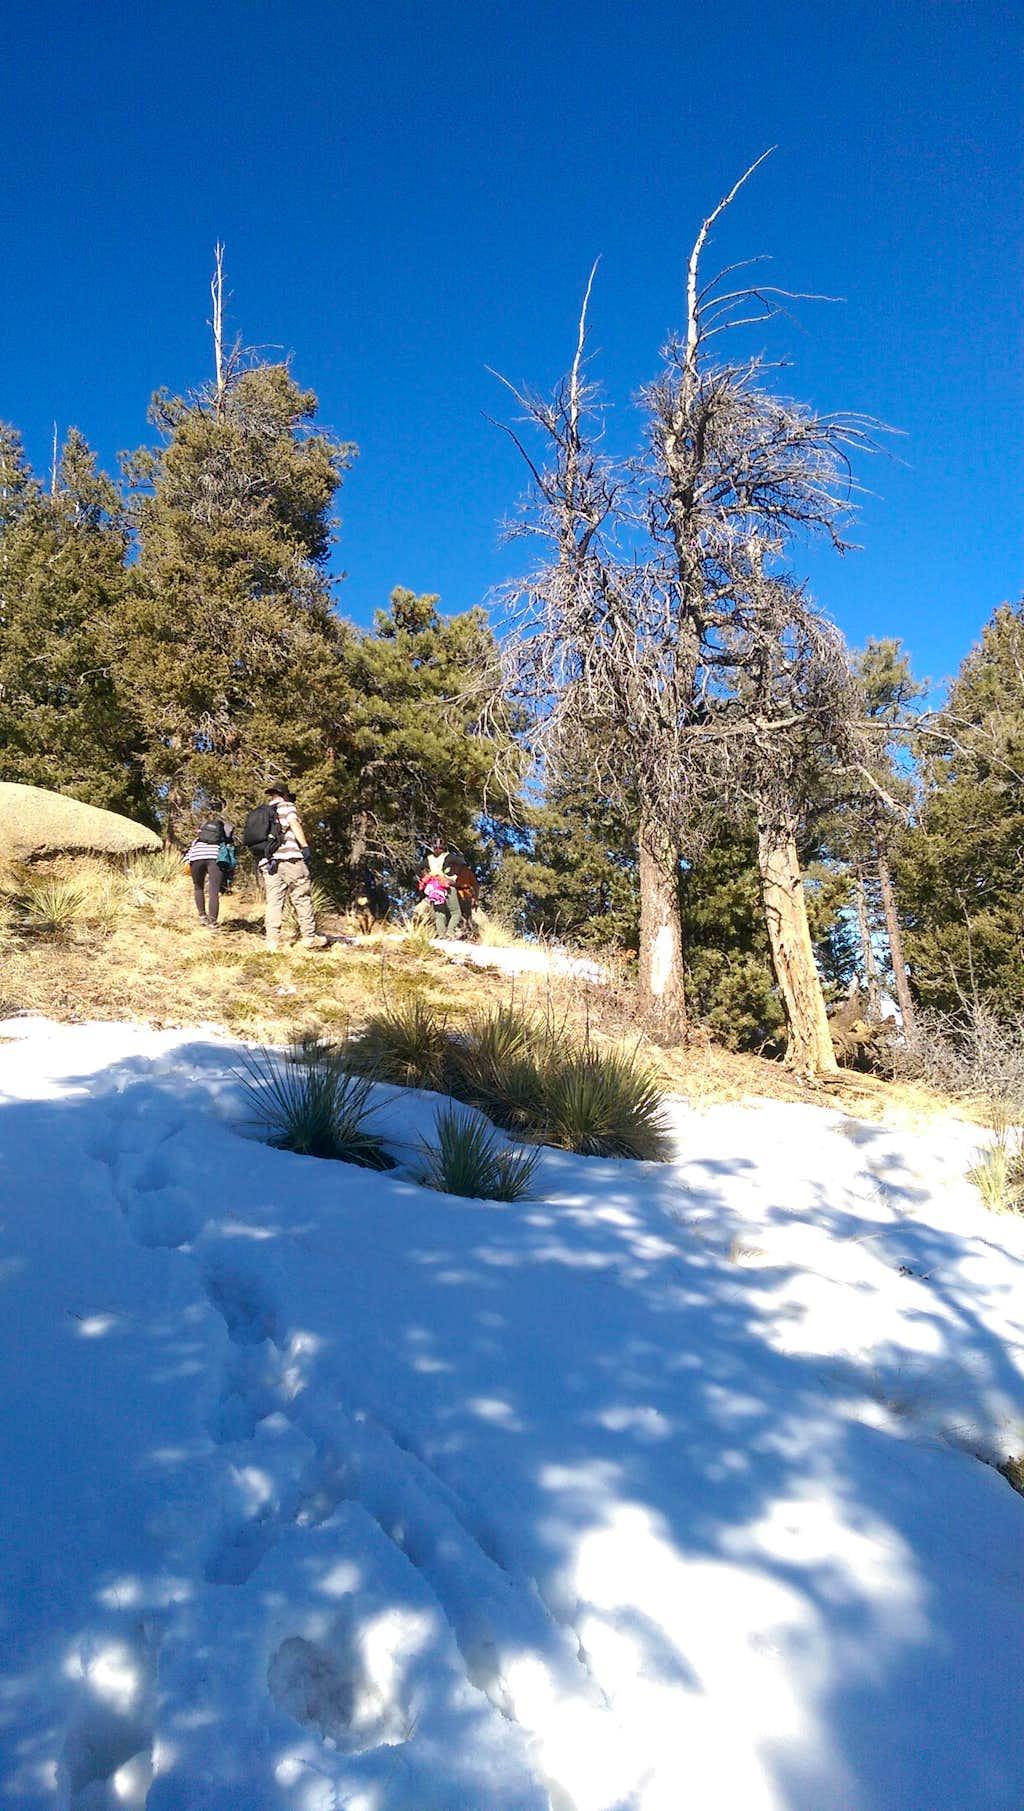 Mount Buckhorn in Winter